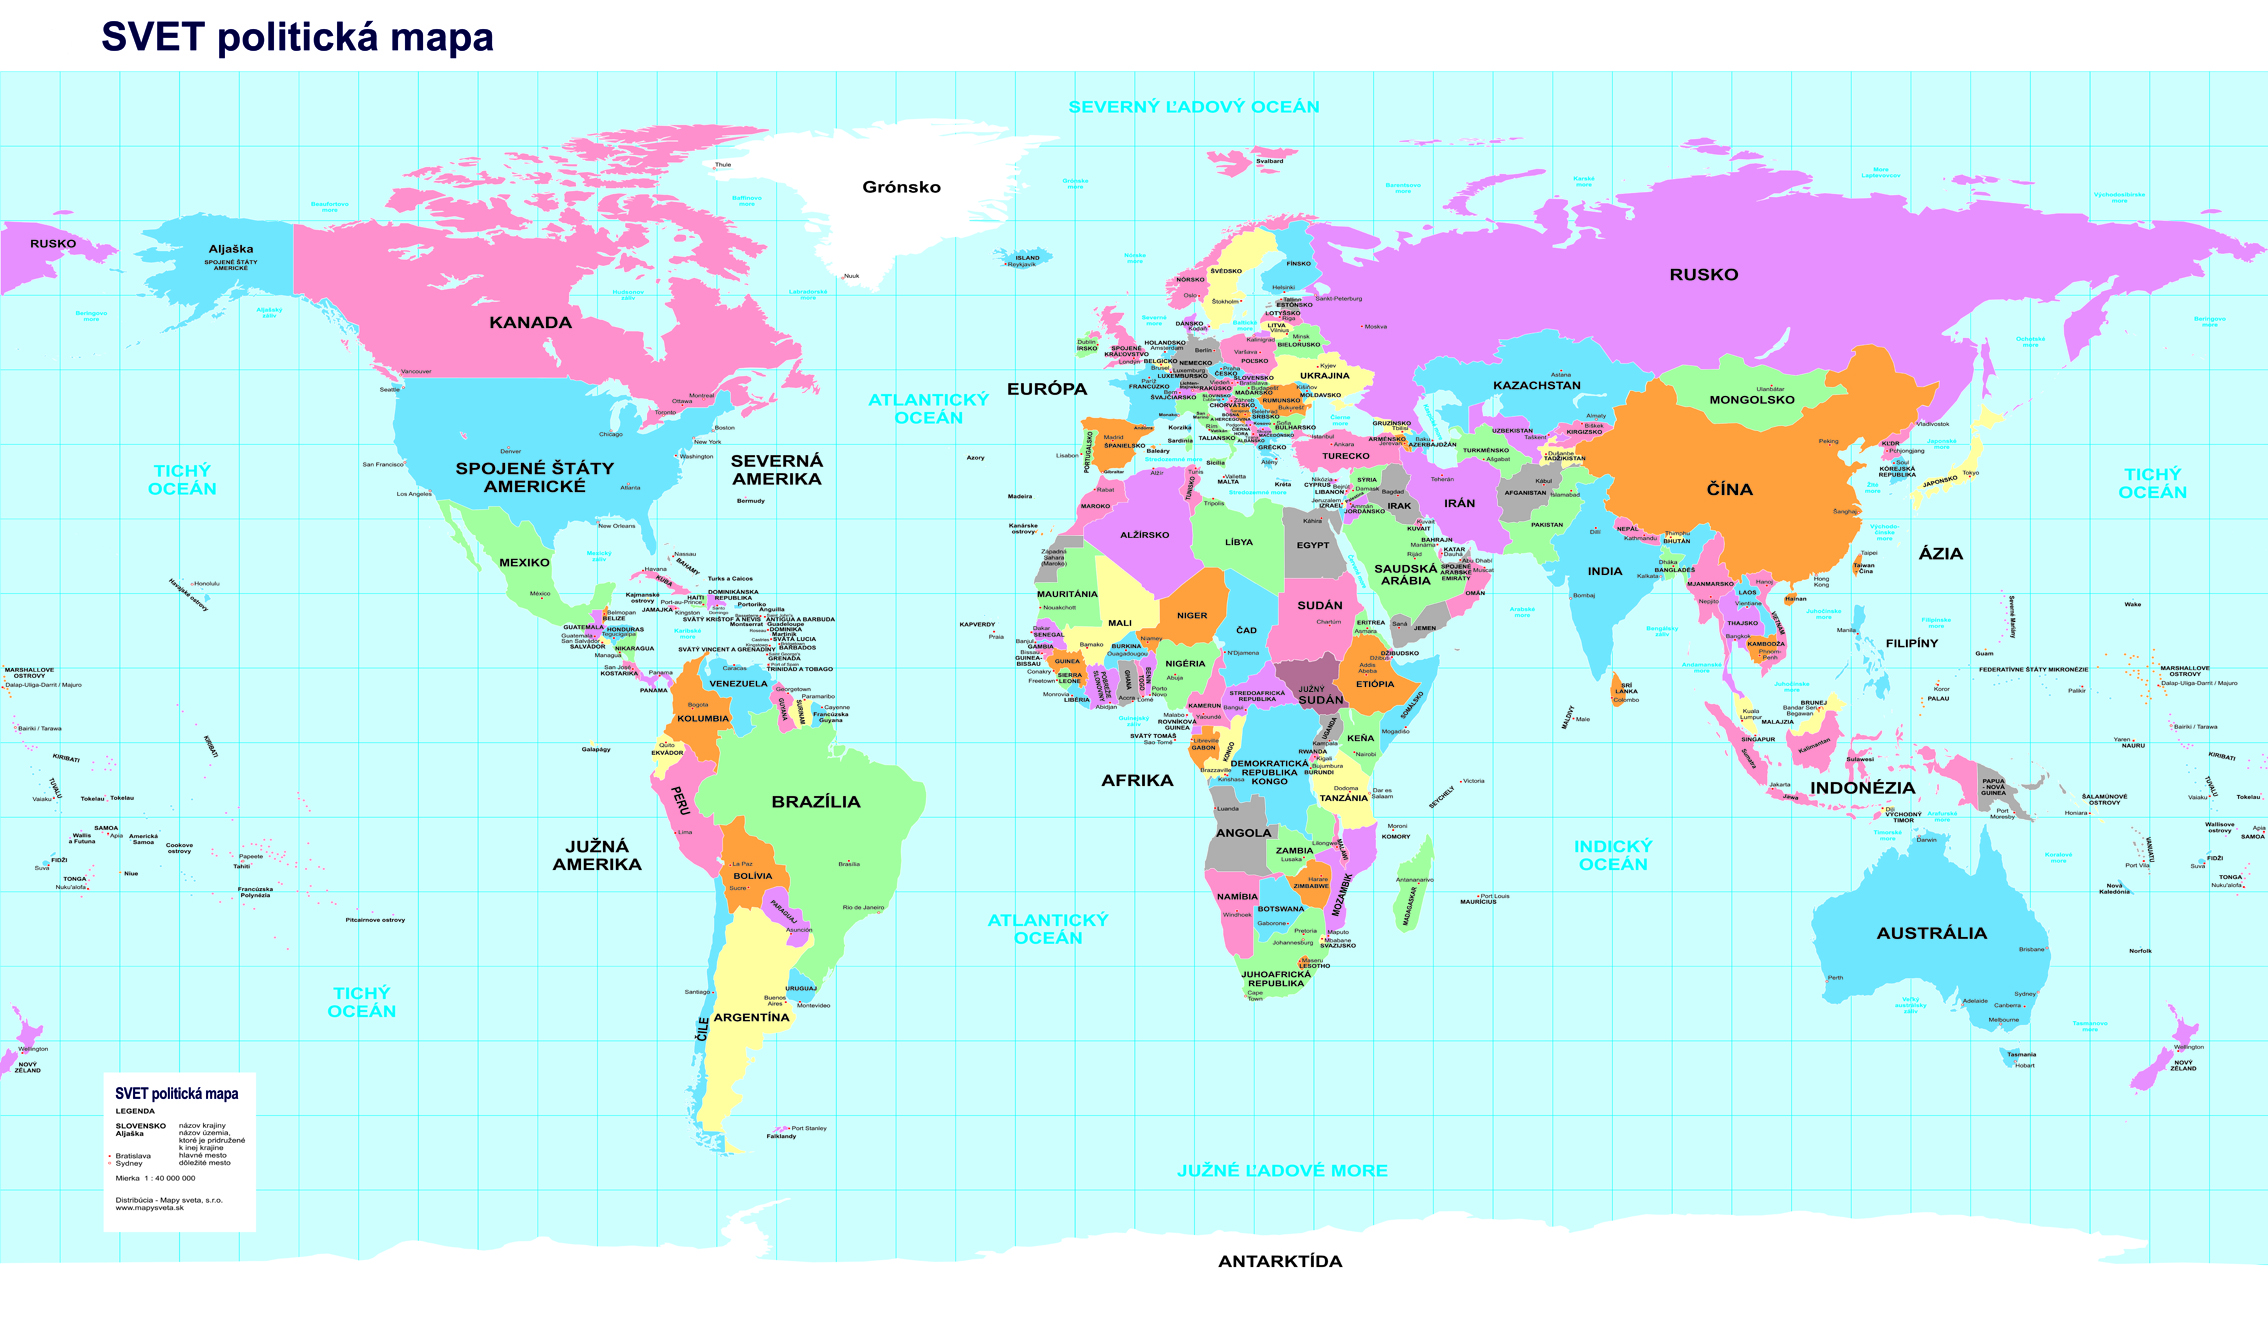 Nastenne Mapy Svet Politicky Simple 70x120cm Lamino Listy